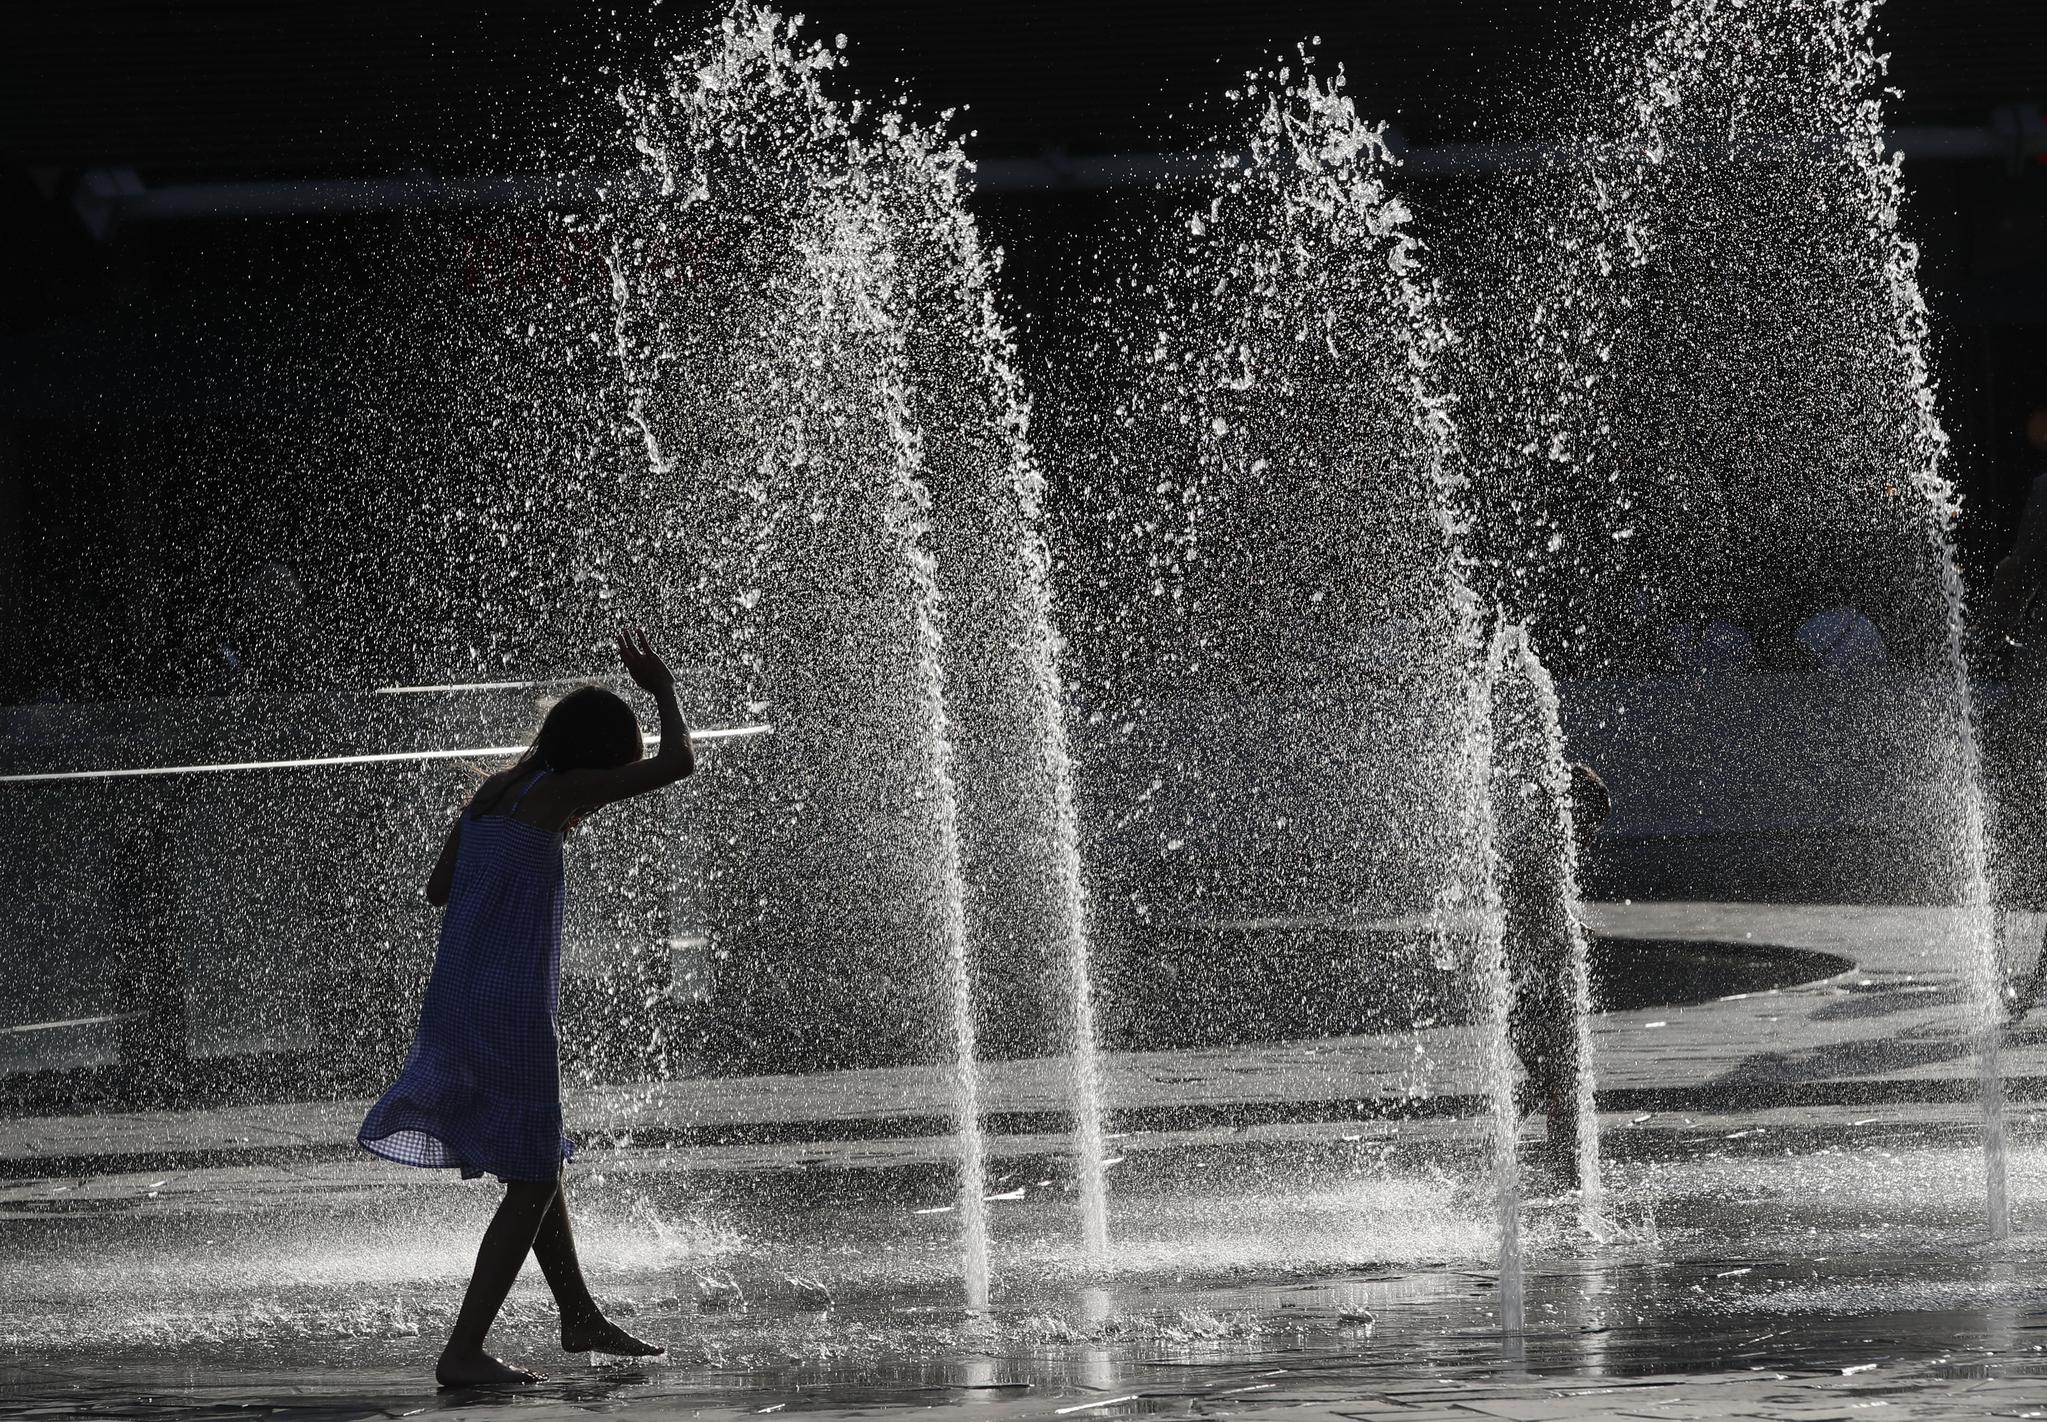 24일(현지시간) 이탈리아 밀라노에서 한 소녀가 분수에서 물을 뿌리며 더위를 식히고 있다.[AP=연합뉴스]